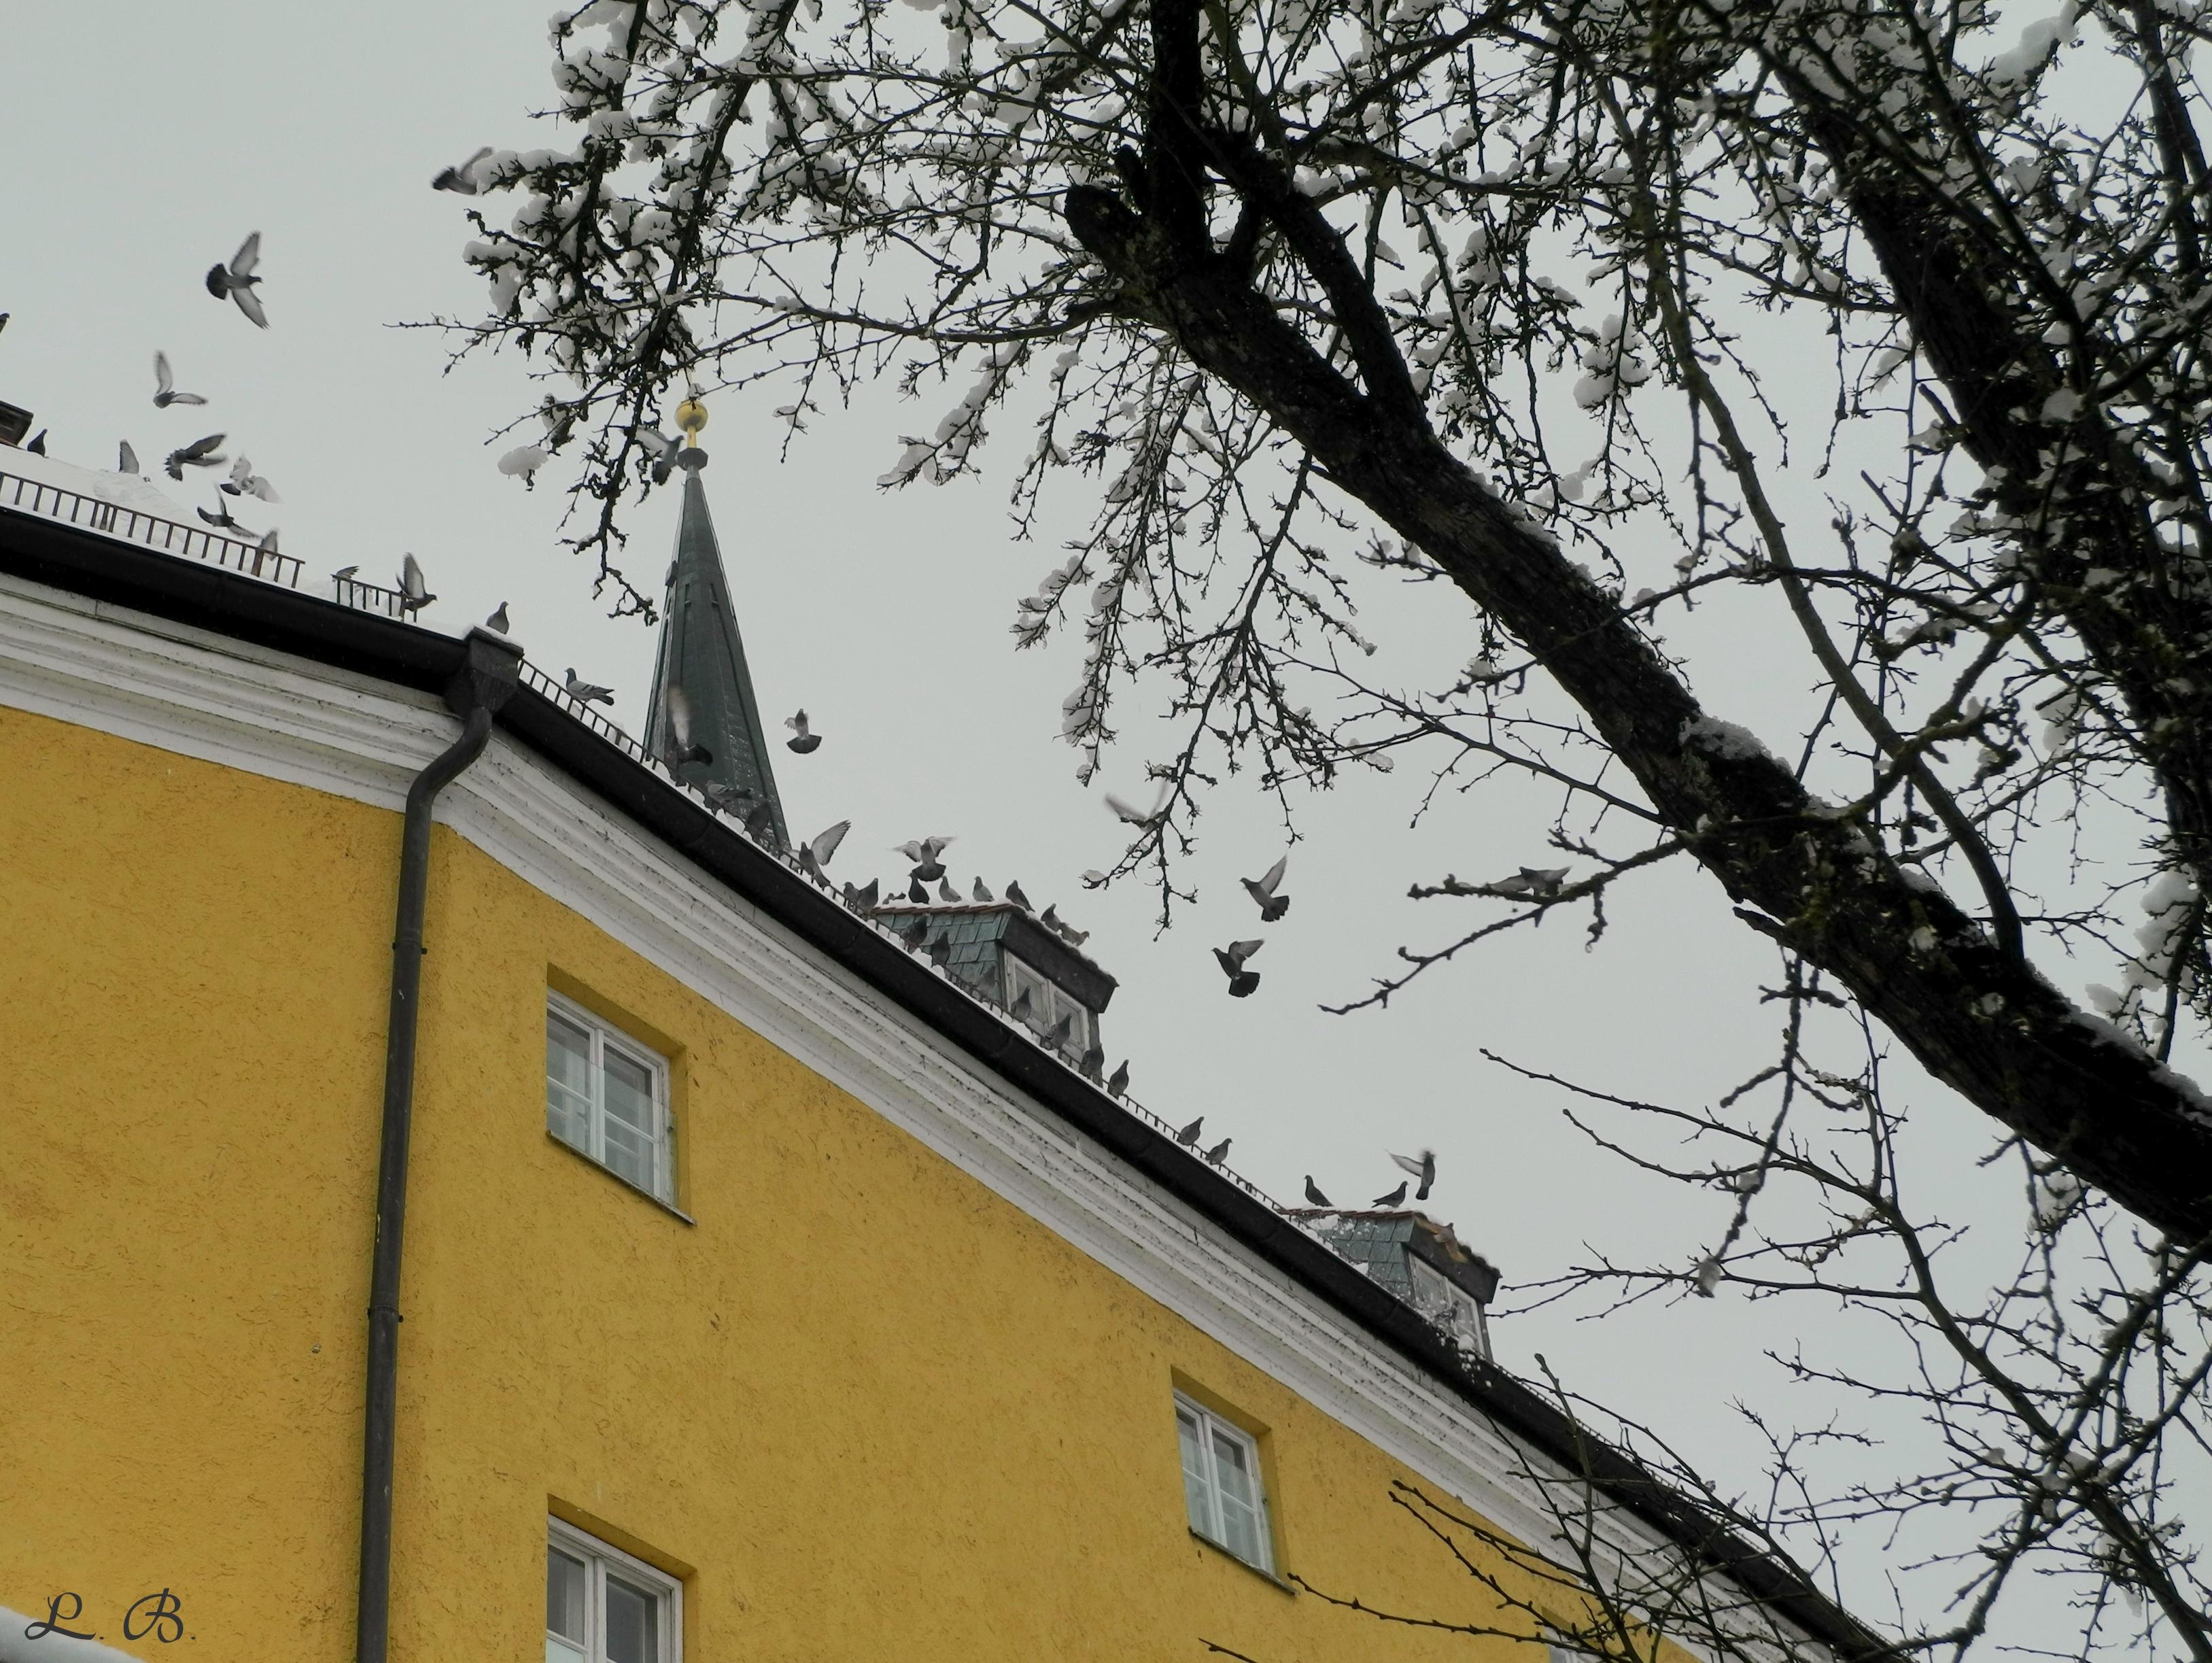 Tauben auf dem ehemaligen Bruderhaus